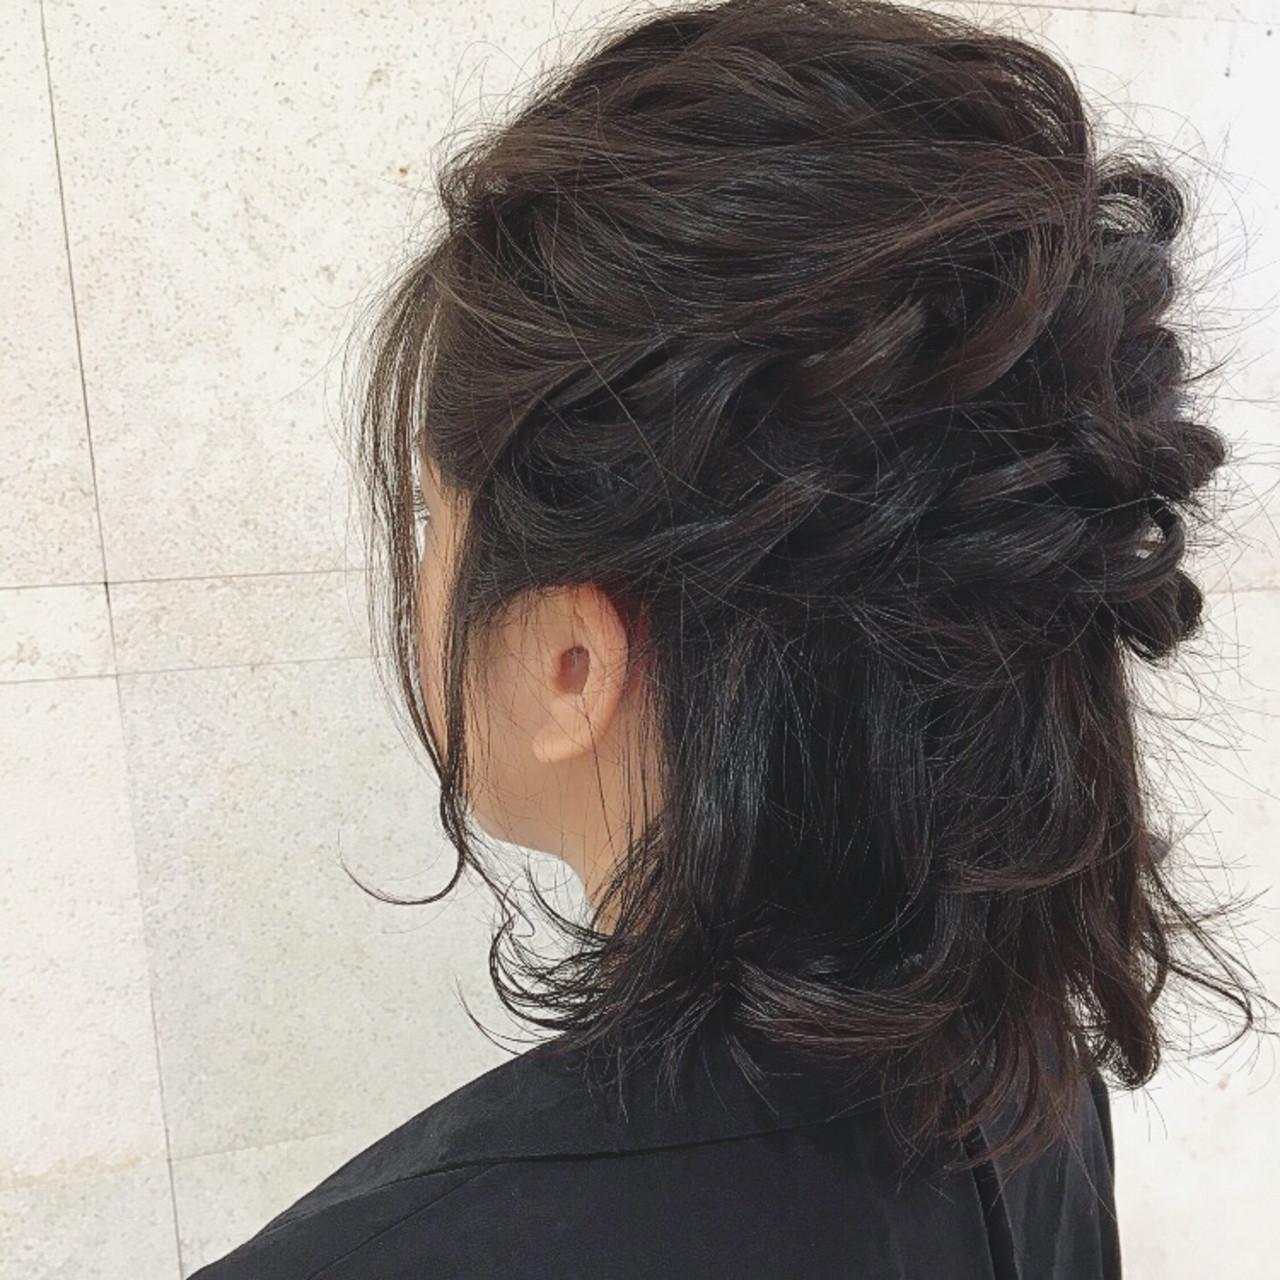 黒髪 デート 大人かわいい ハーフアップ ヘアスタイルや髪型の写真・画像